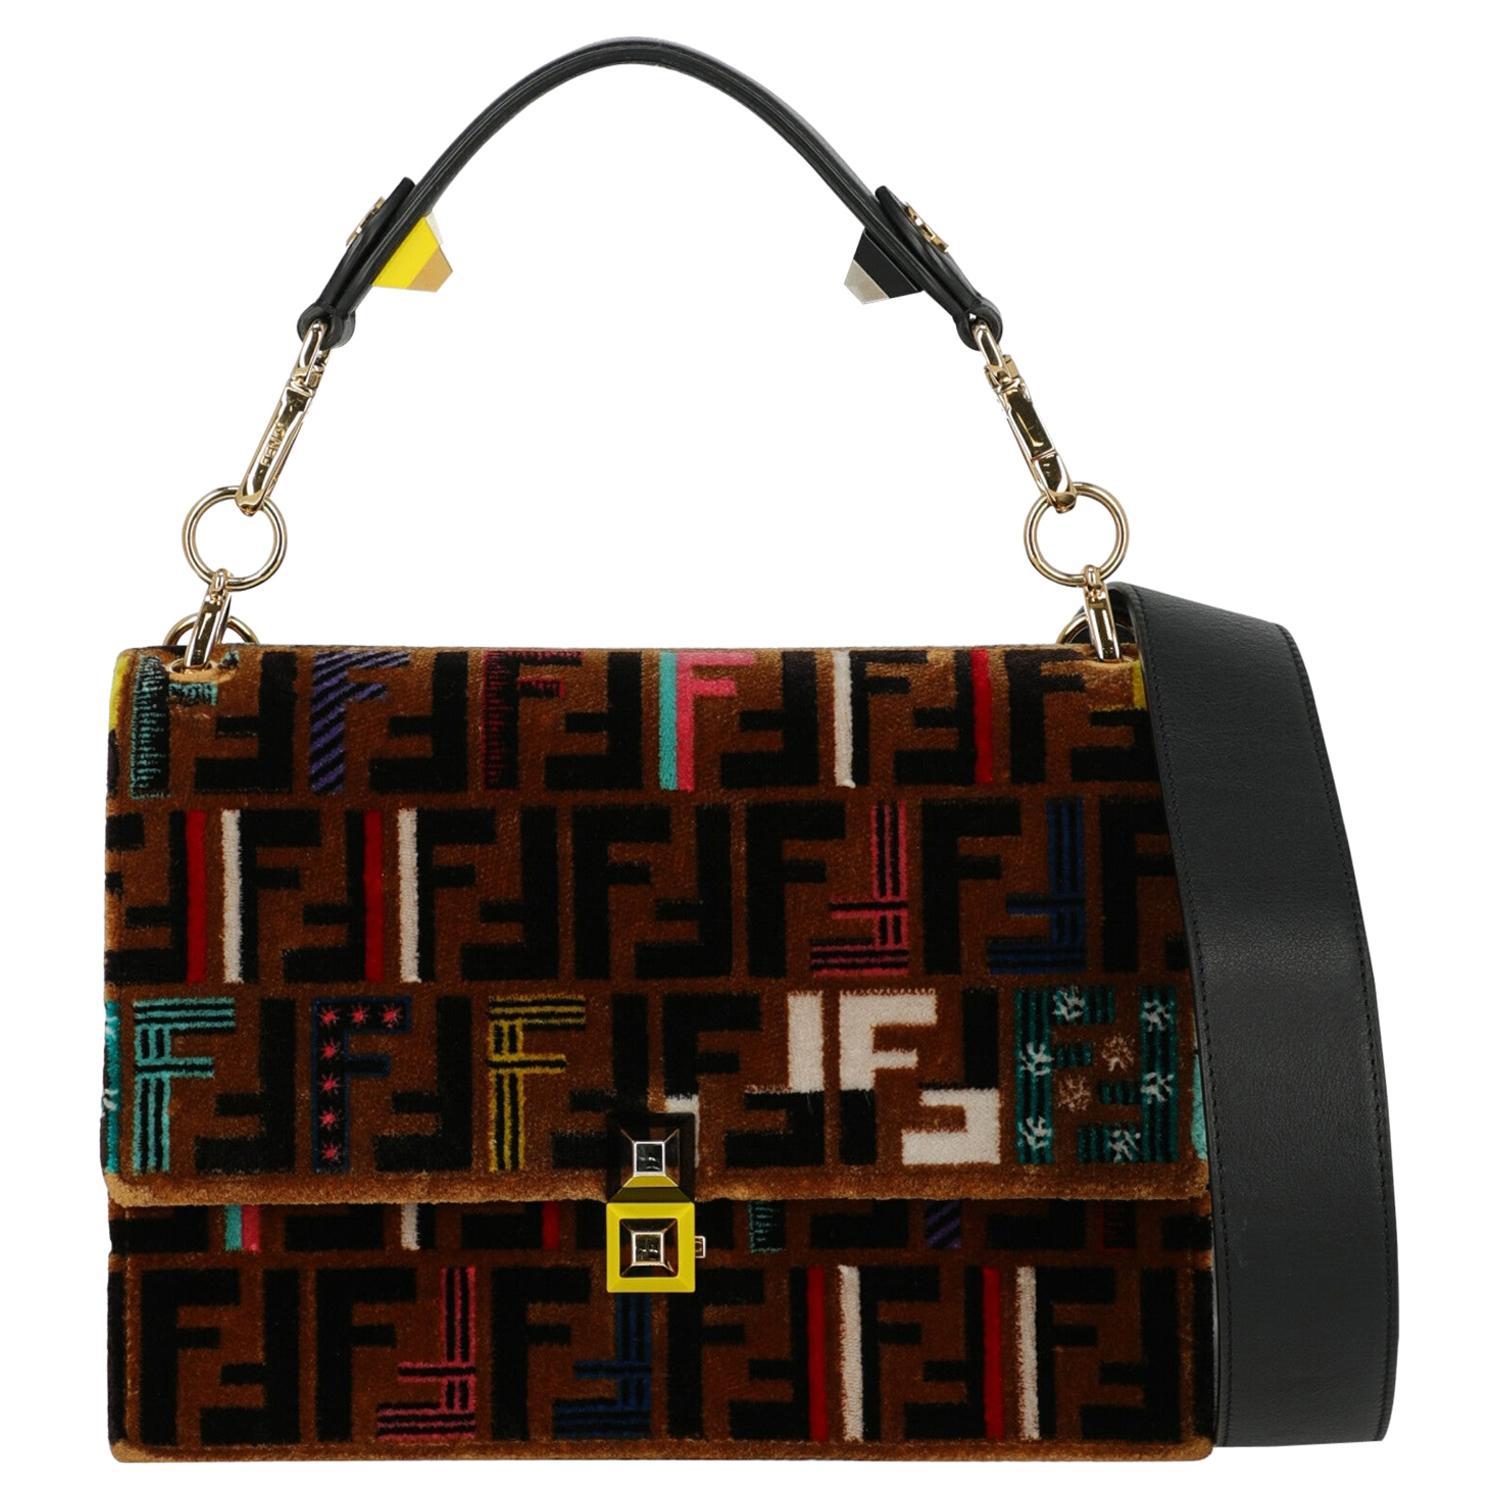 Fendi Women's Crossbody Bag Kan I Black